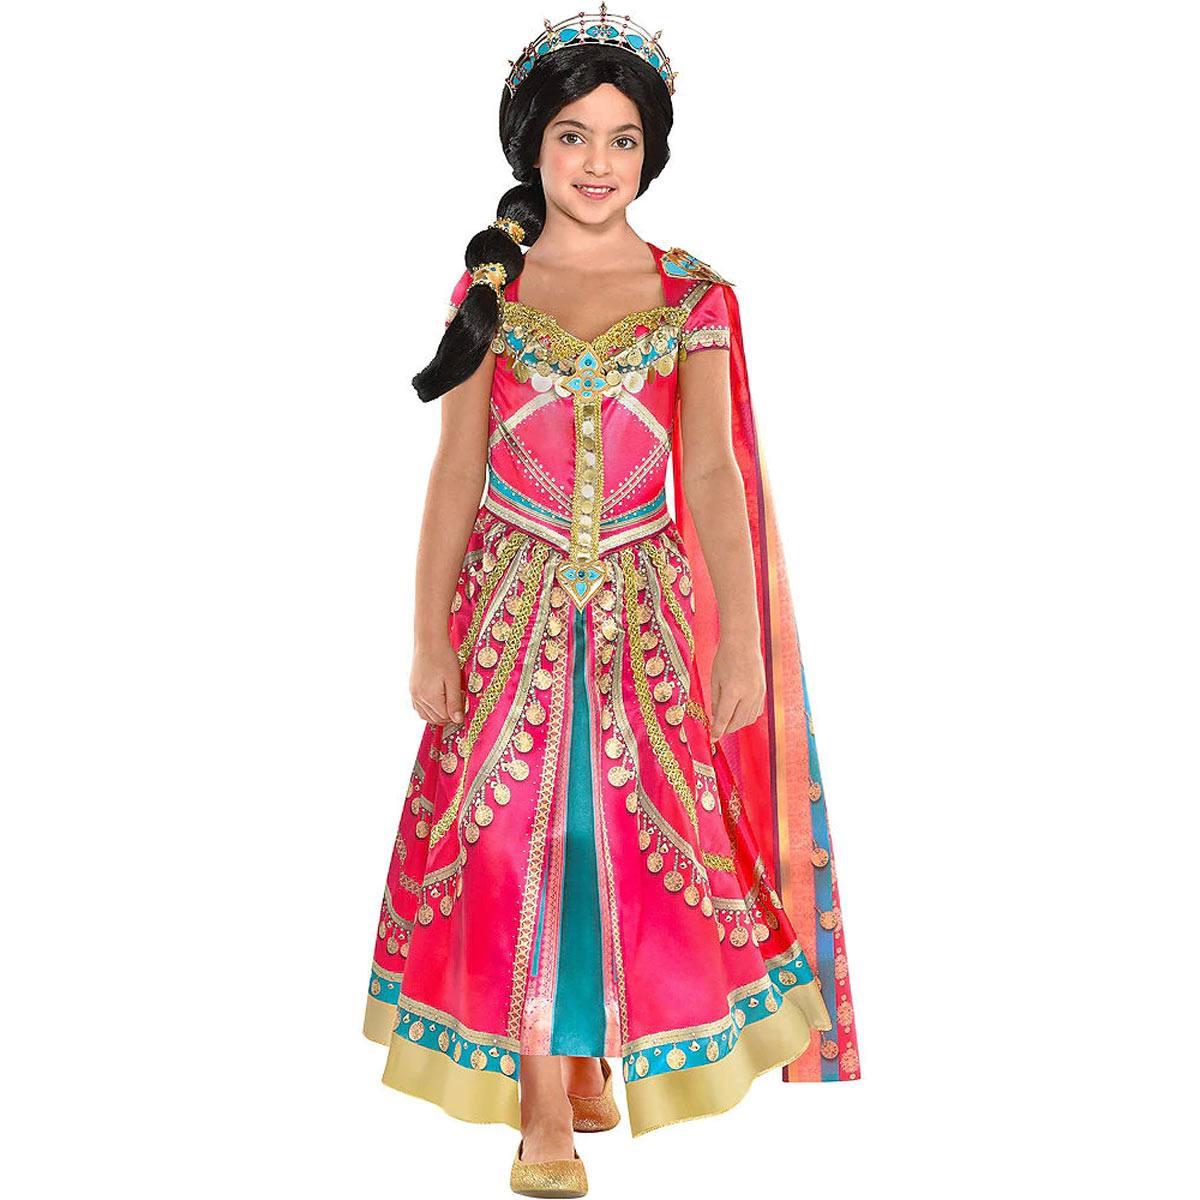 アラジン ジャスミン 衣装 コスチューム 子供用 コスプレ ハロウィン ディズニー ピンク Aladdin